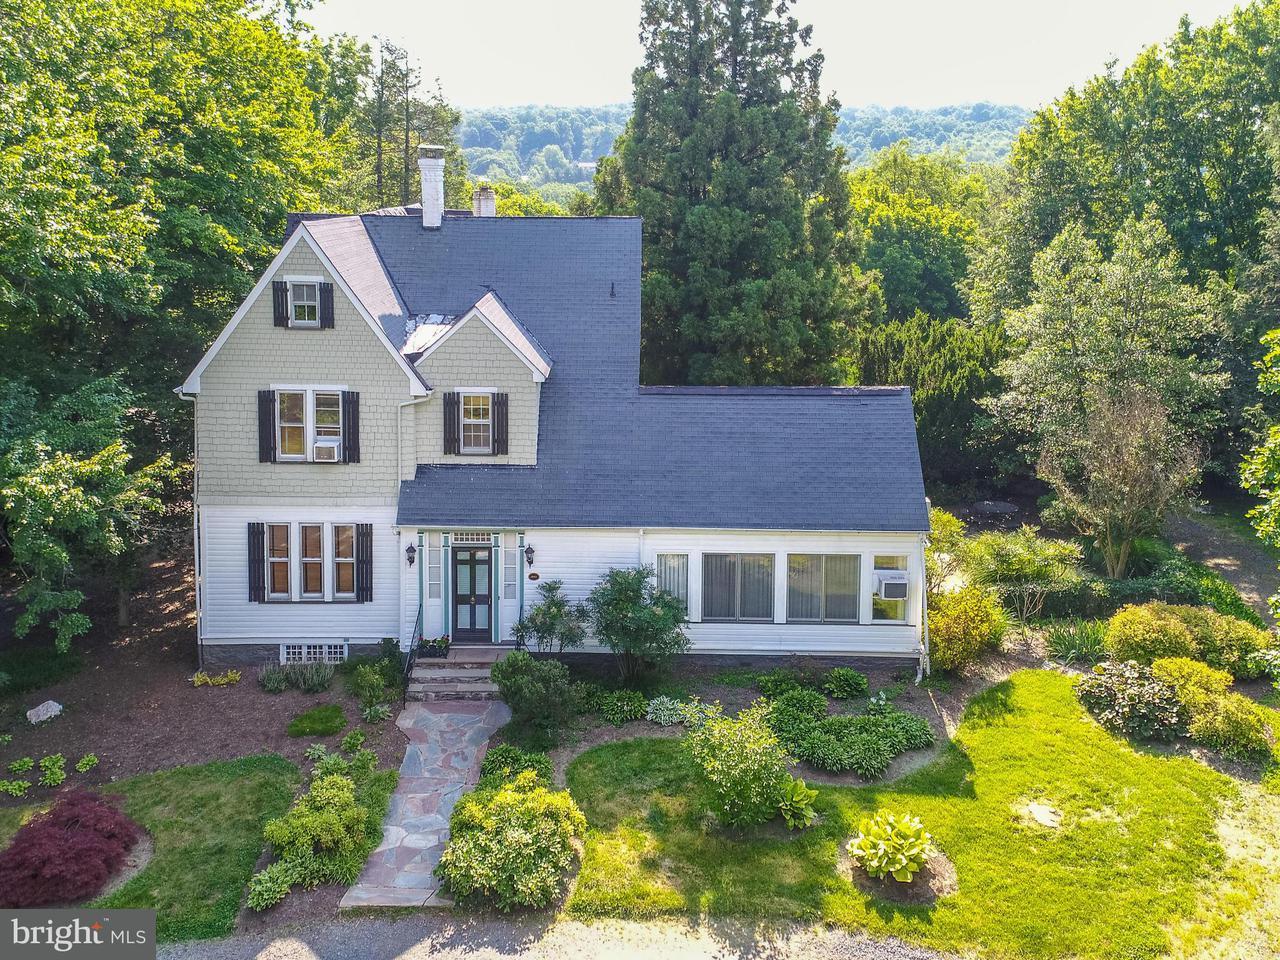 独户住宅 为 销售 在 17124 Simpson Circle 17124 Simpson Circle Paeonian Springs, 弗吉尼亚州 20129 美国